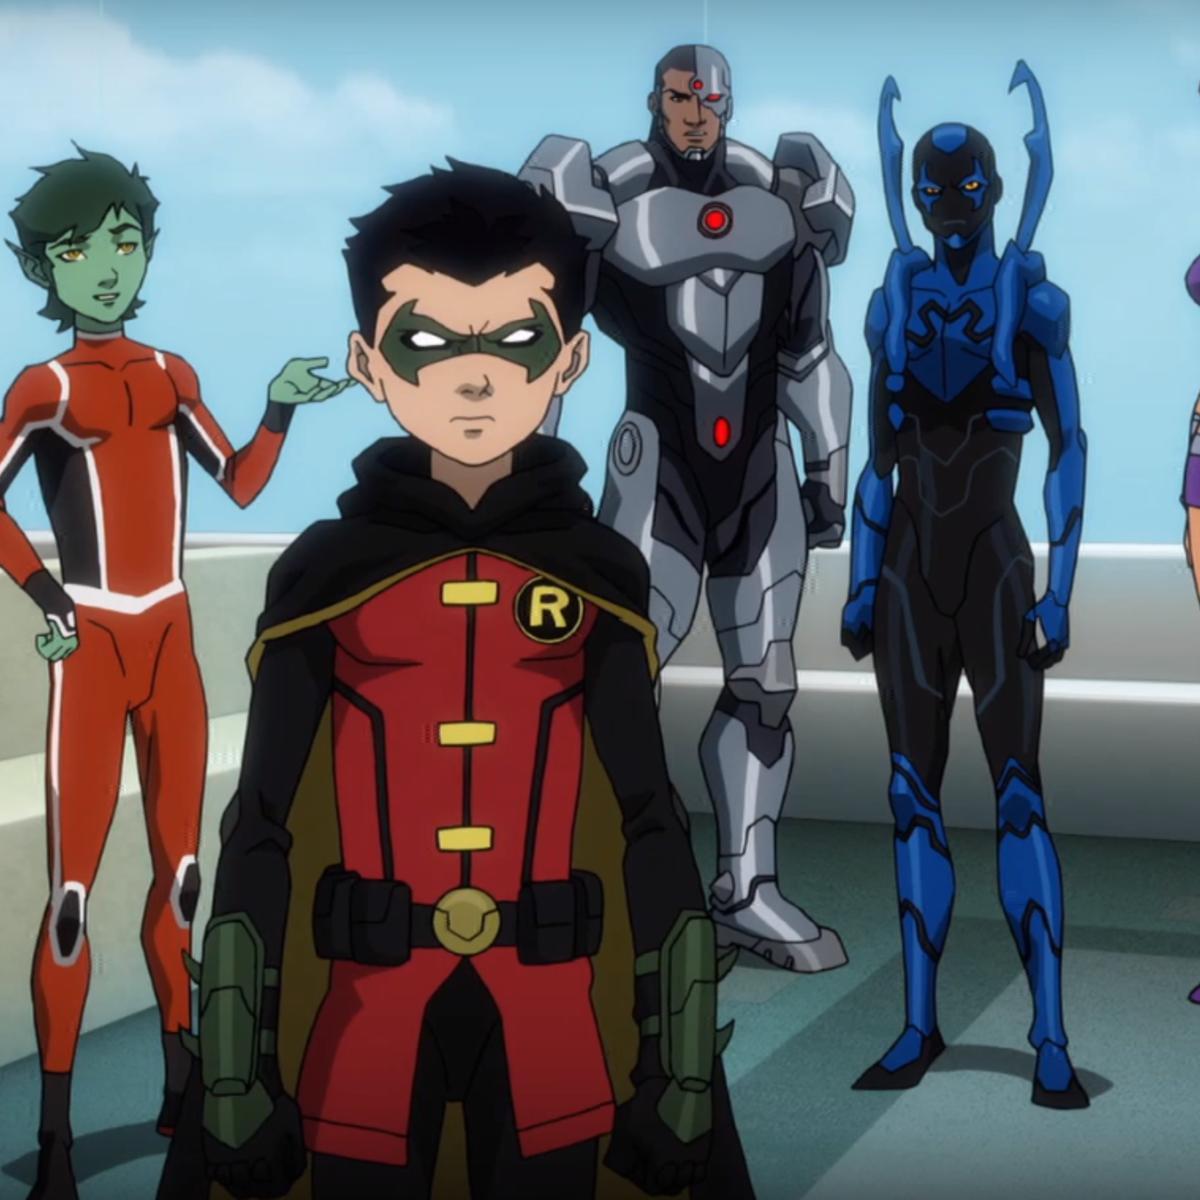 Justice-League-vs-Teen-Titans.png